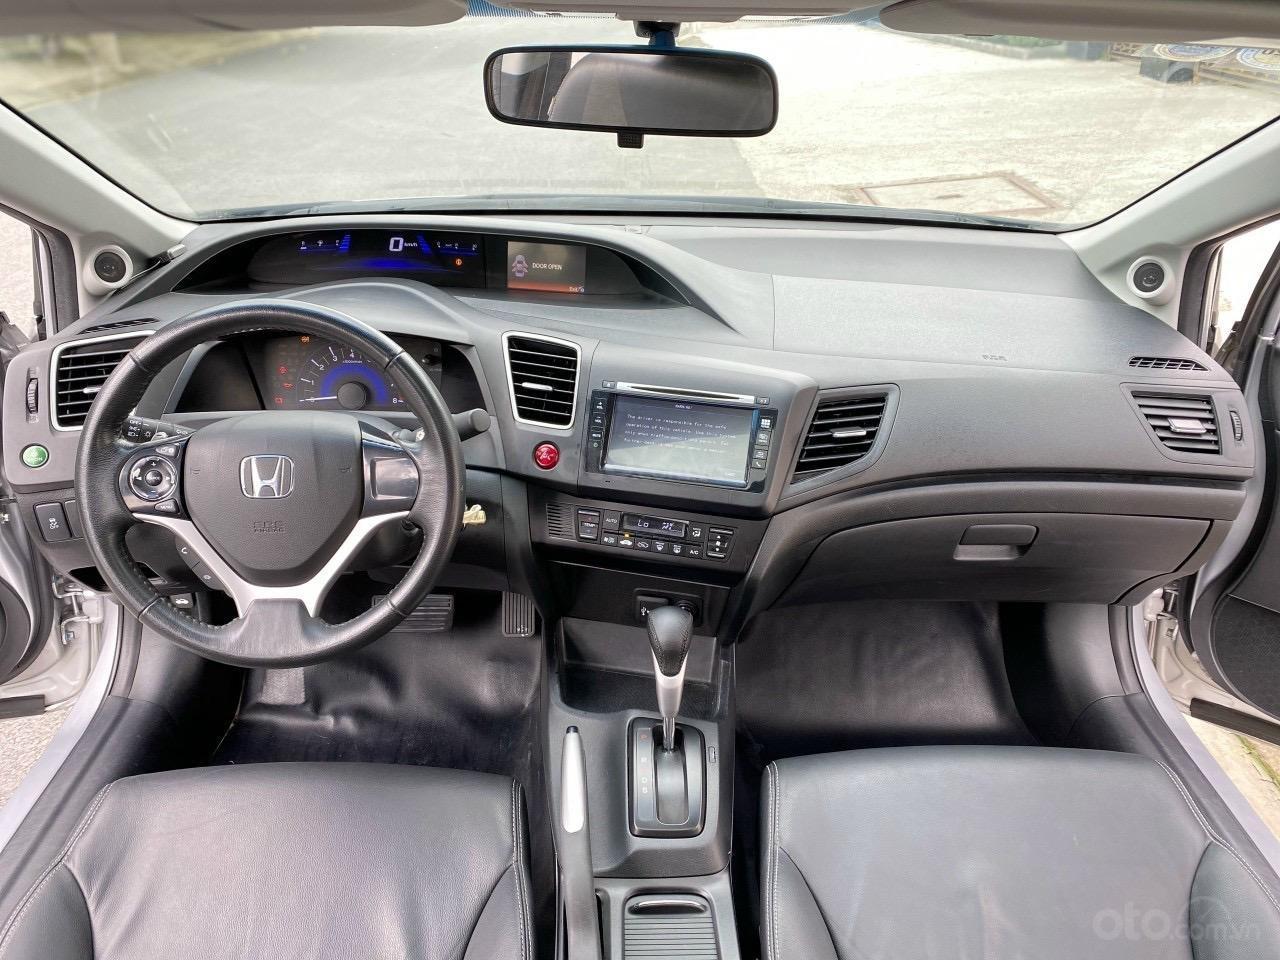 Bán Civic 2.0AT SX 2015 xe rất đẹp đi 48.000km. Hỗ trợ 60% ngân hàng bao check hãng (6)